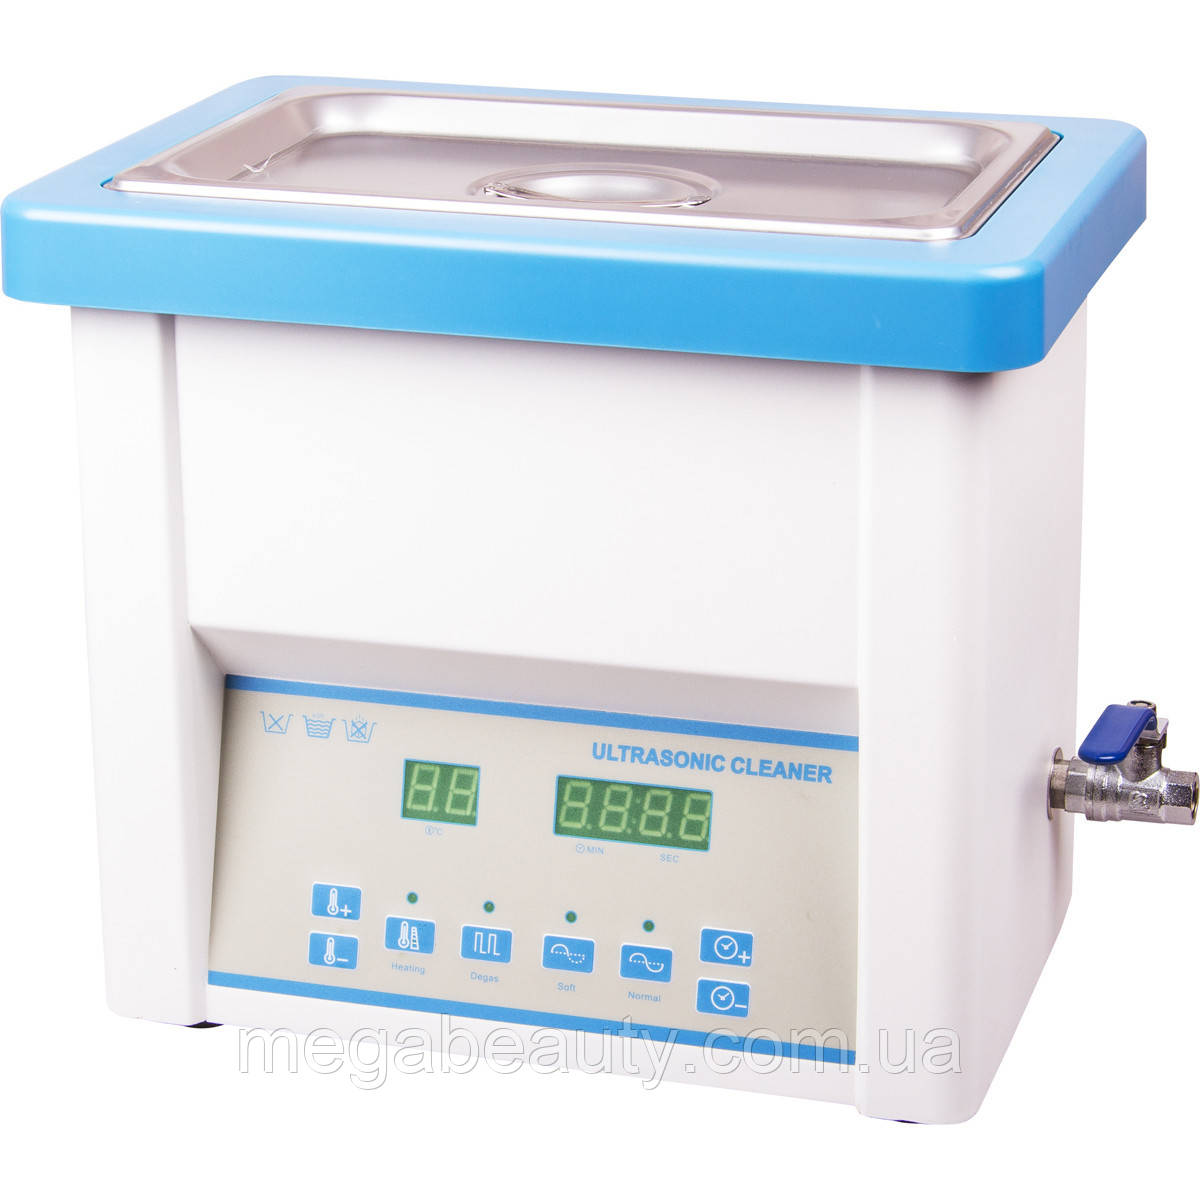 Ультразвуковой очиститель KMH1- 6501, 5 л. для парикмахерского инструмента